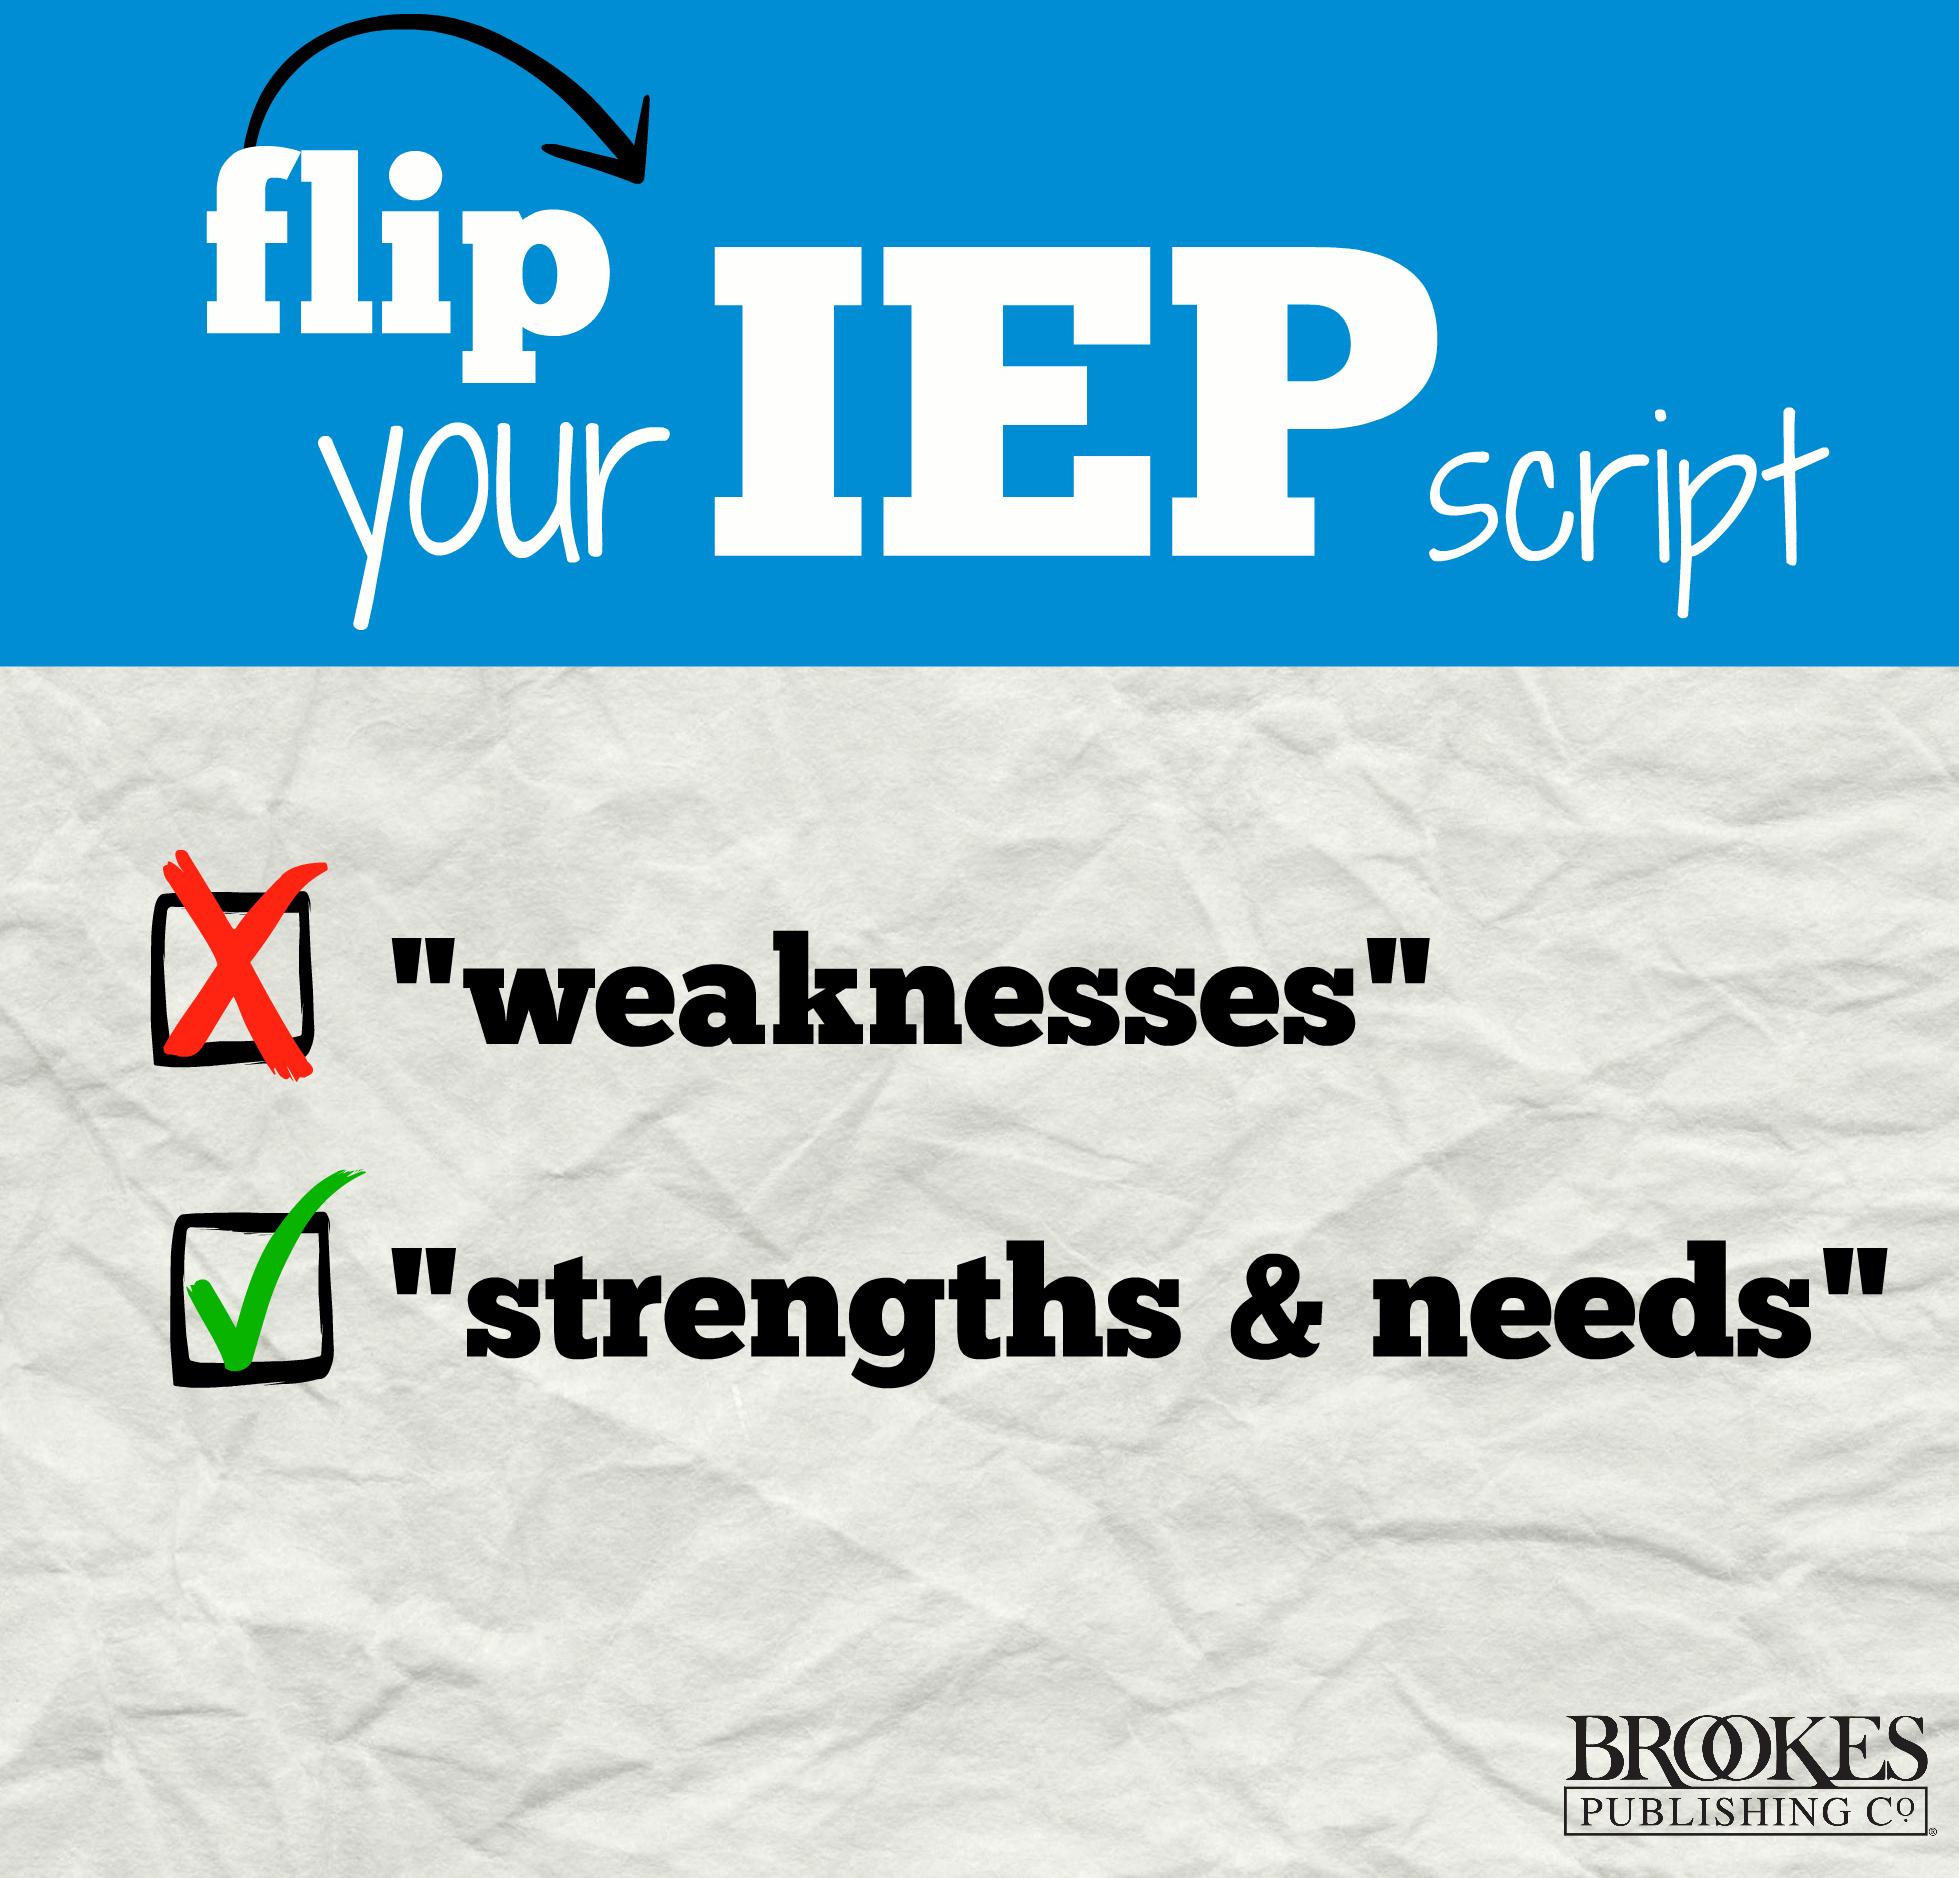 flip your IEP script